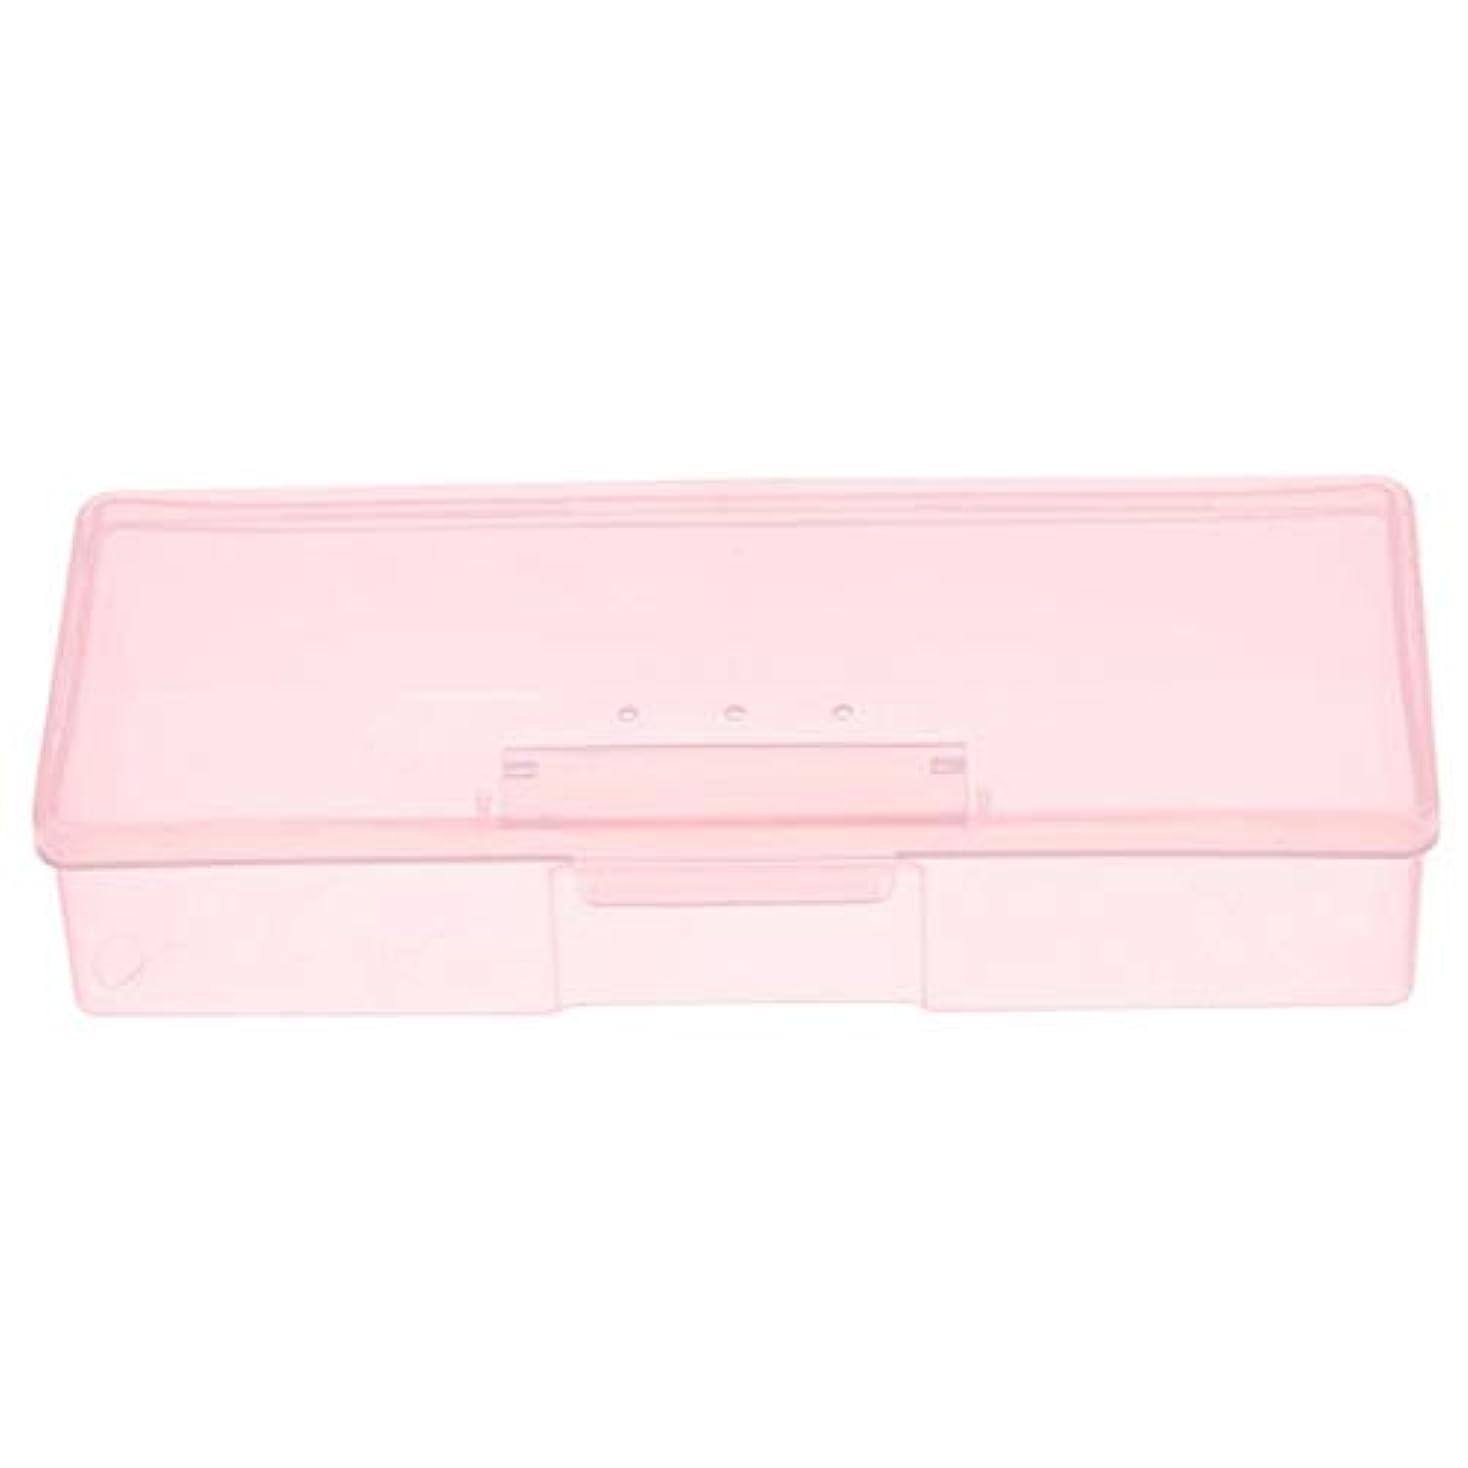 キャベツによって残基CUHAWUDBA マニキュア用ピンクプラスチック透明ネイルツール収納ボックスネイルラインストーン装飾バッファファイル研削オーガナイザーケースツール